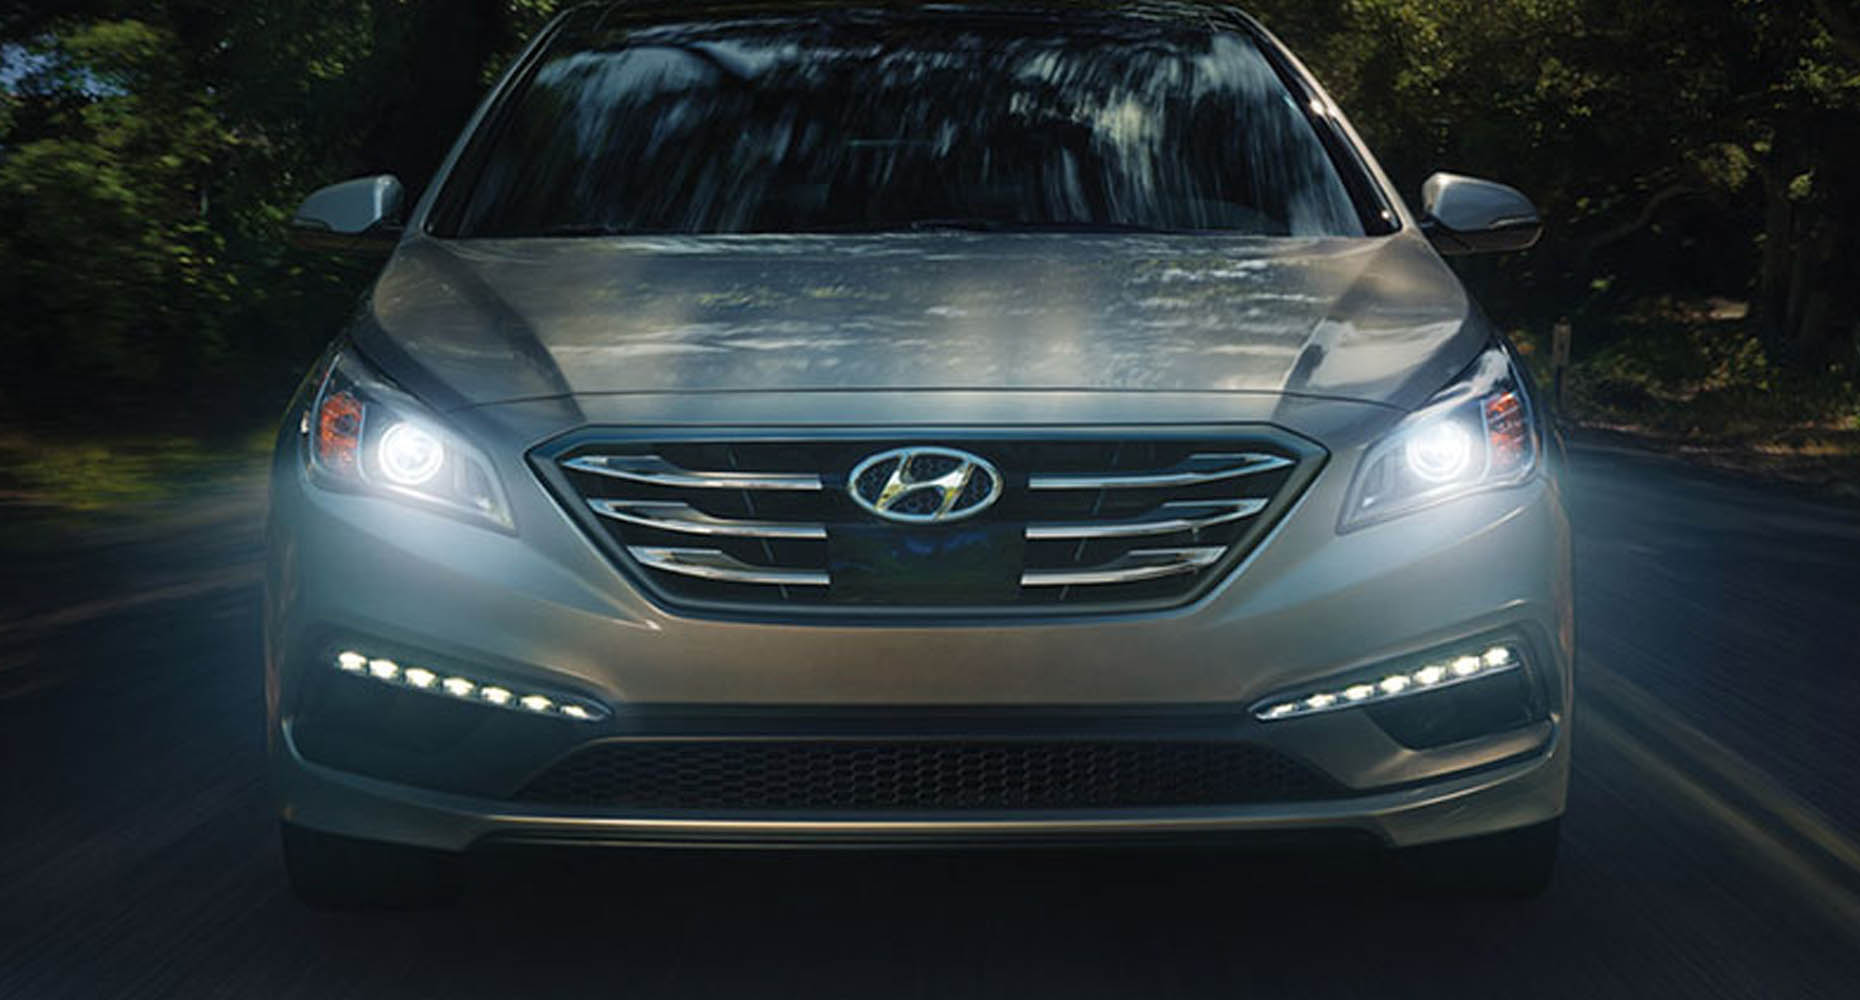 2017 Hyundai Sonata Style Pathway Hyundai